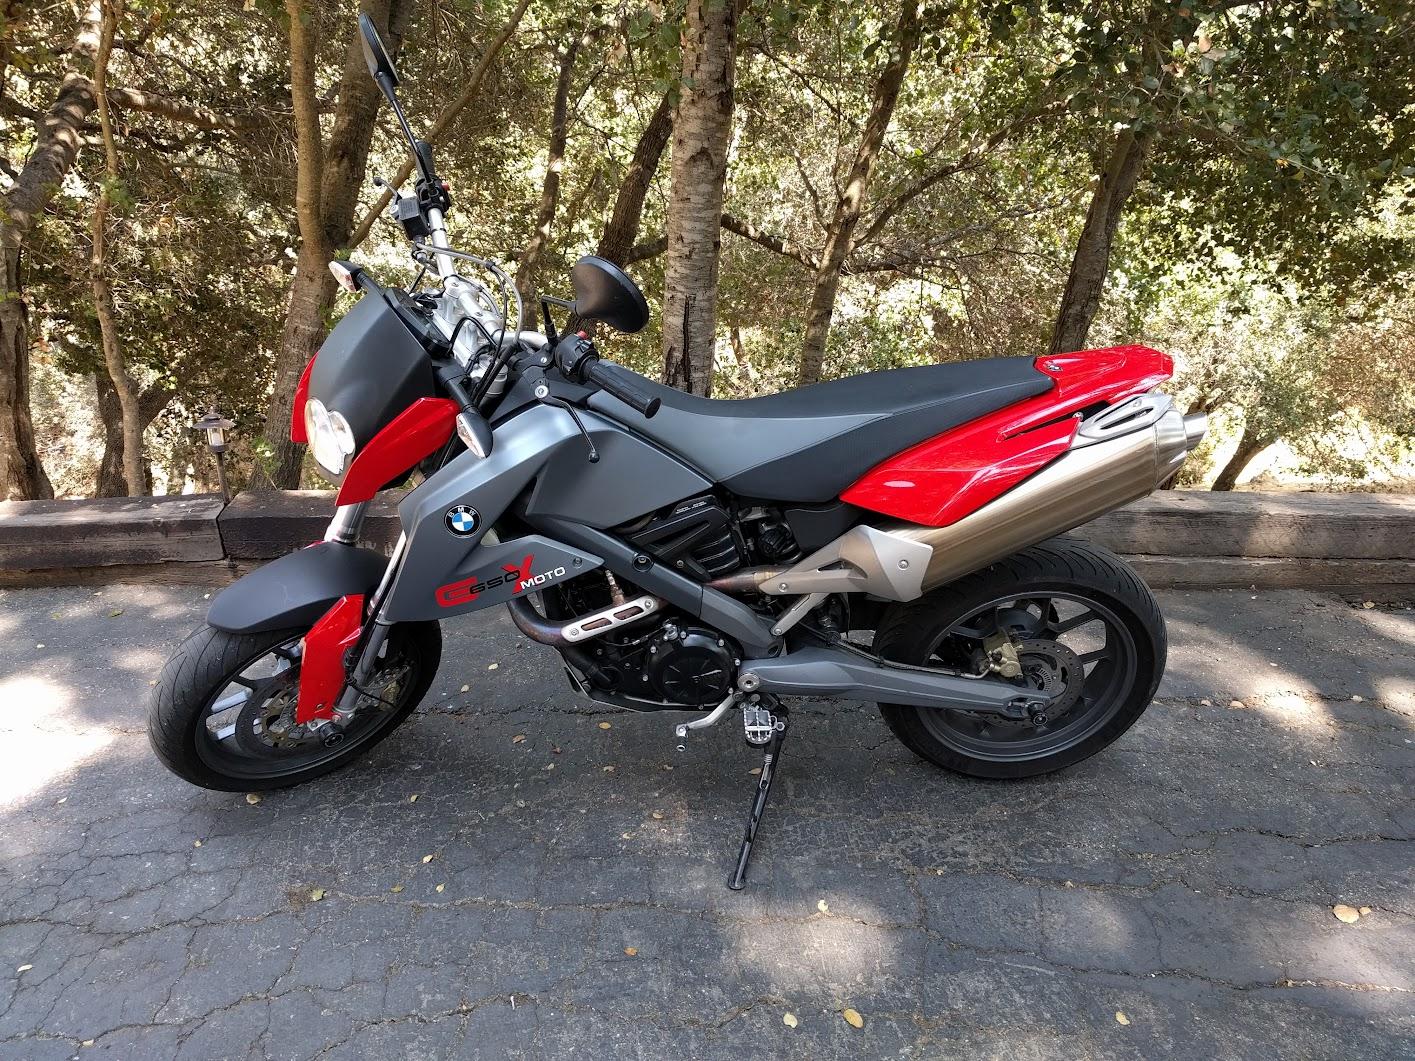 2007 Bmw G650 Xmoto W Abs Barf Bay Area Riders Forum